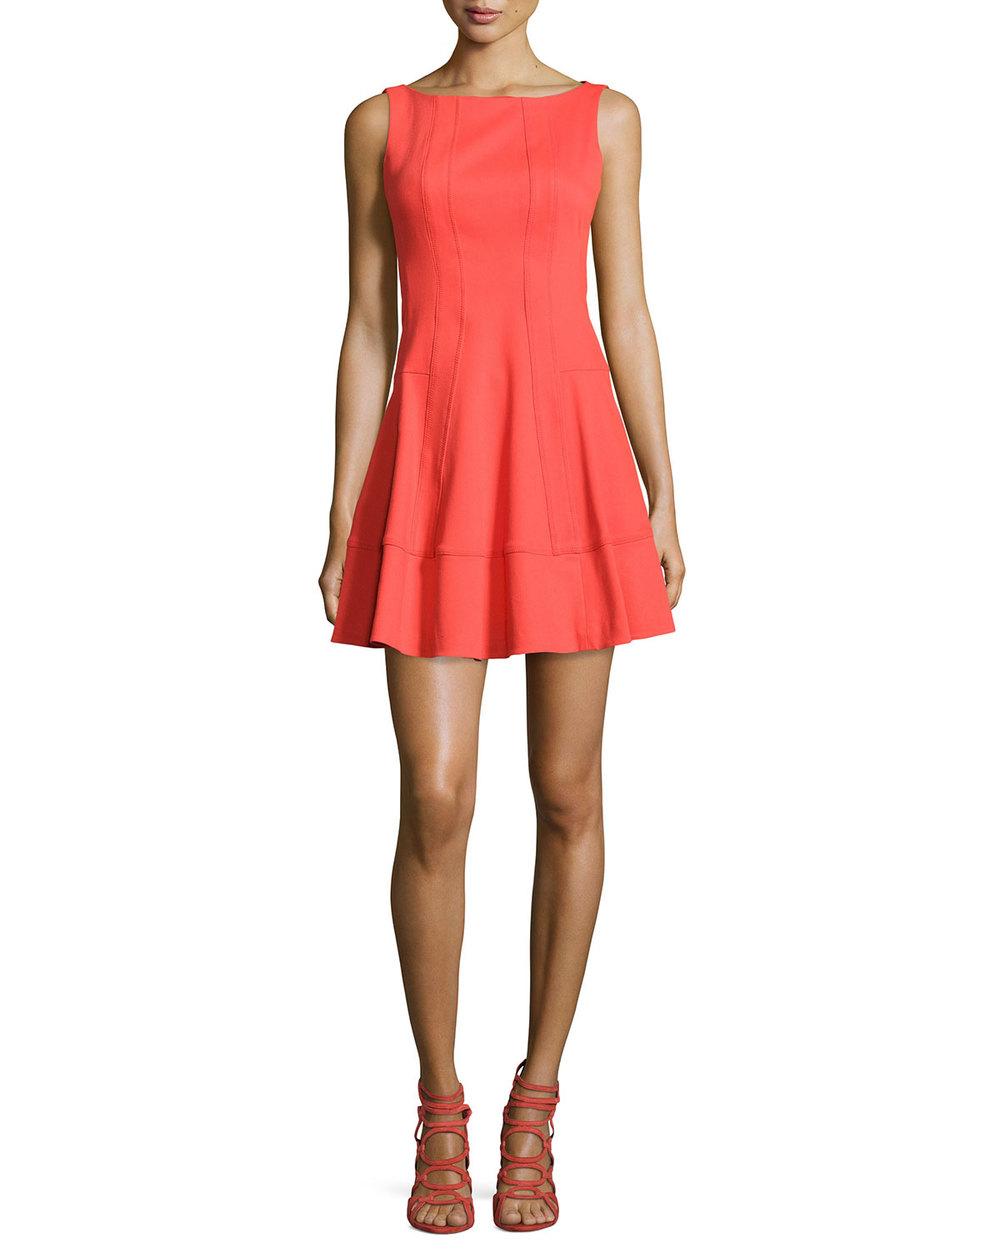 nanette lepore pink dress rowandrue.jpg